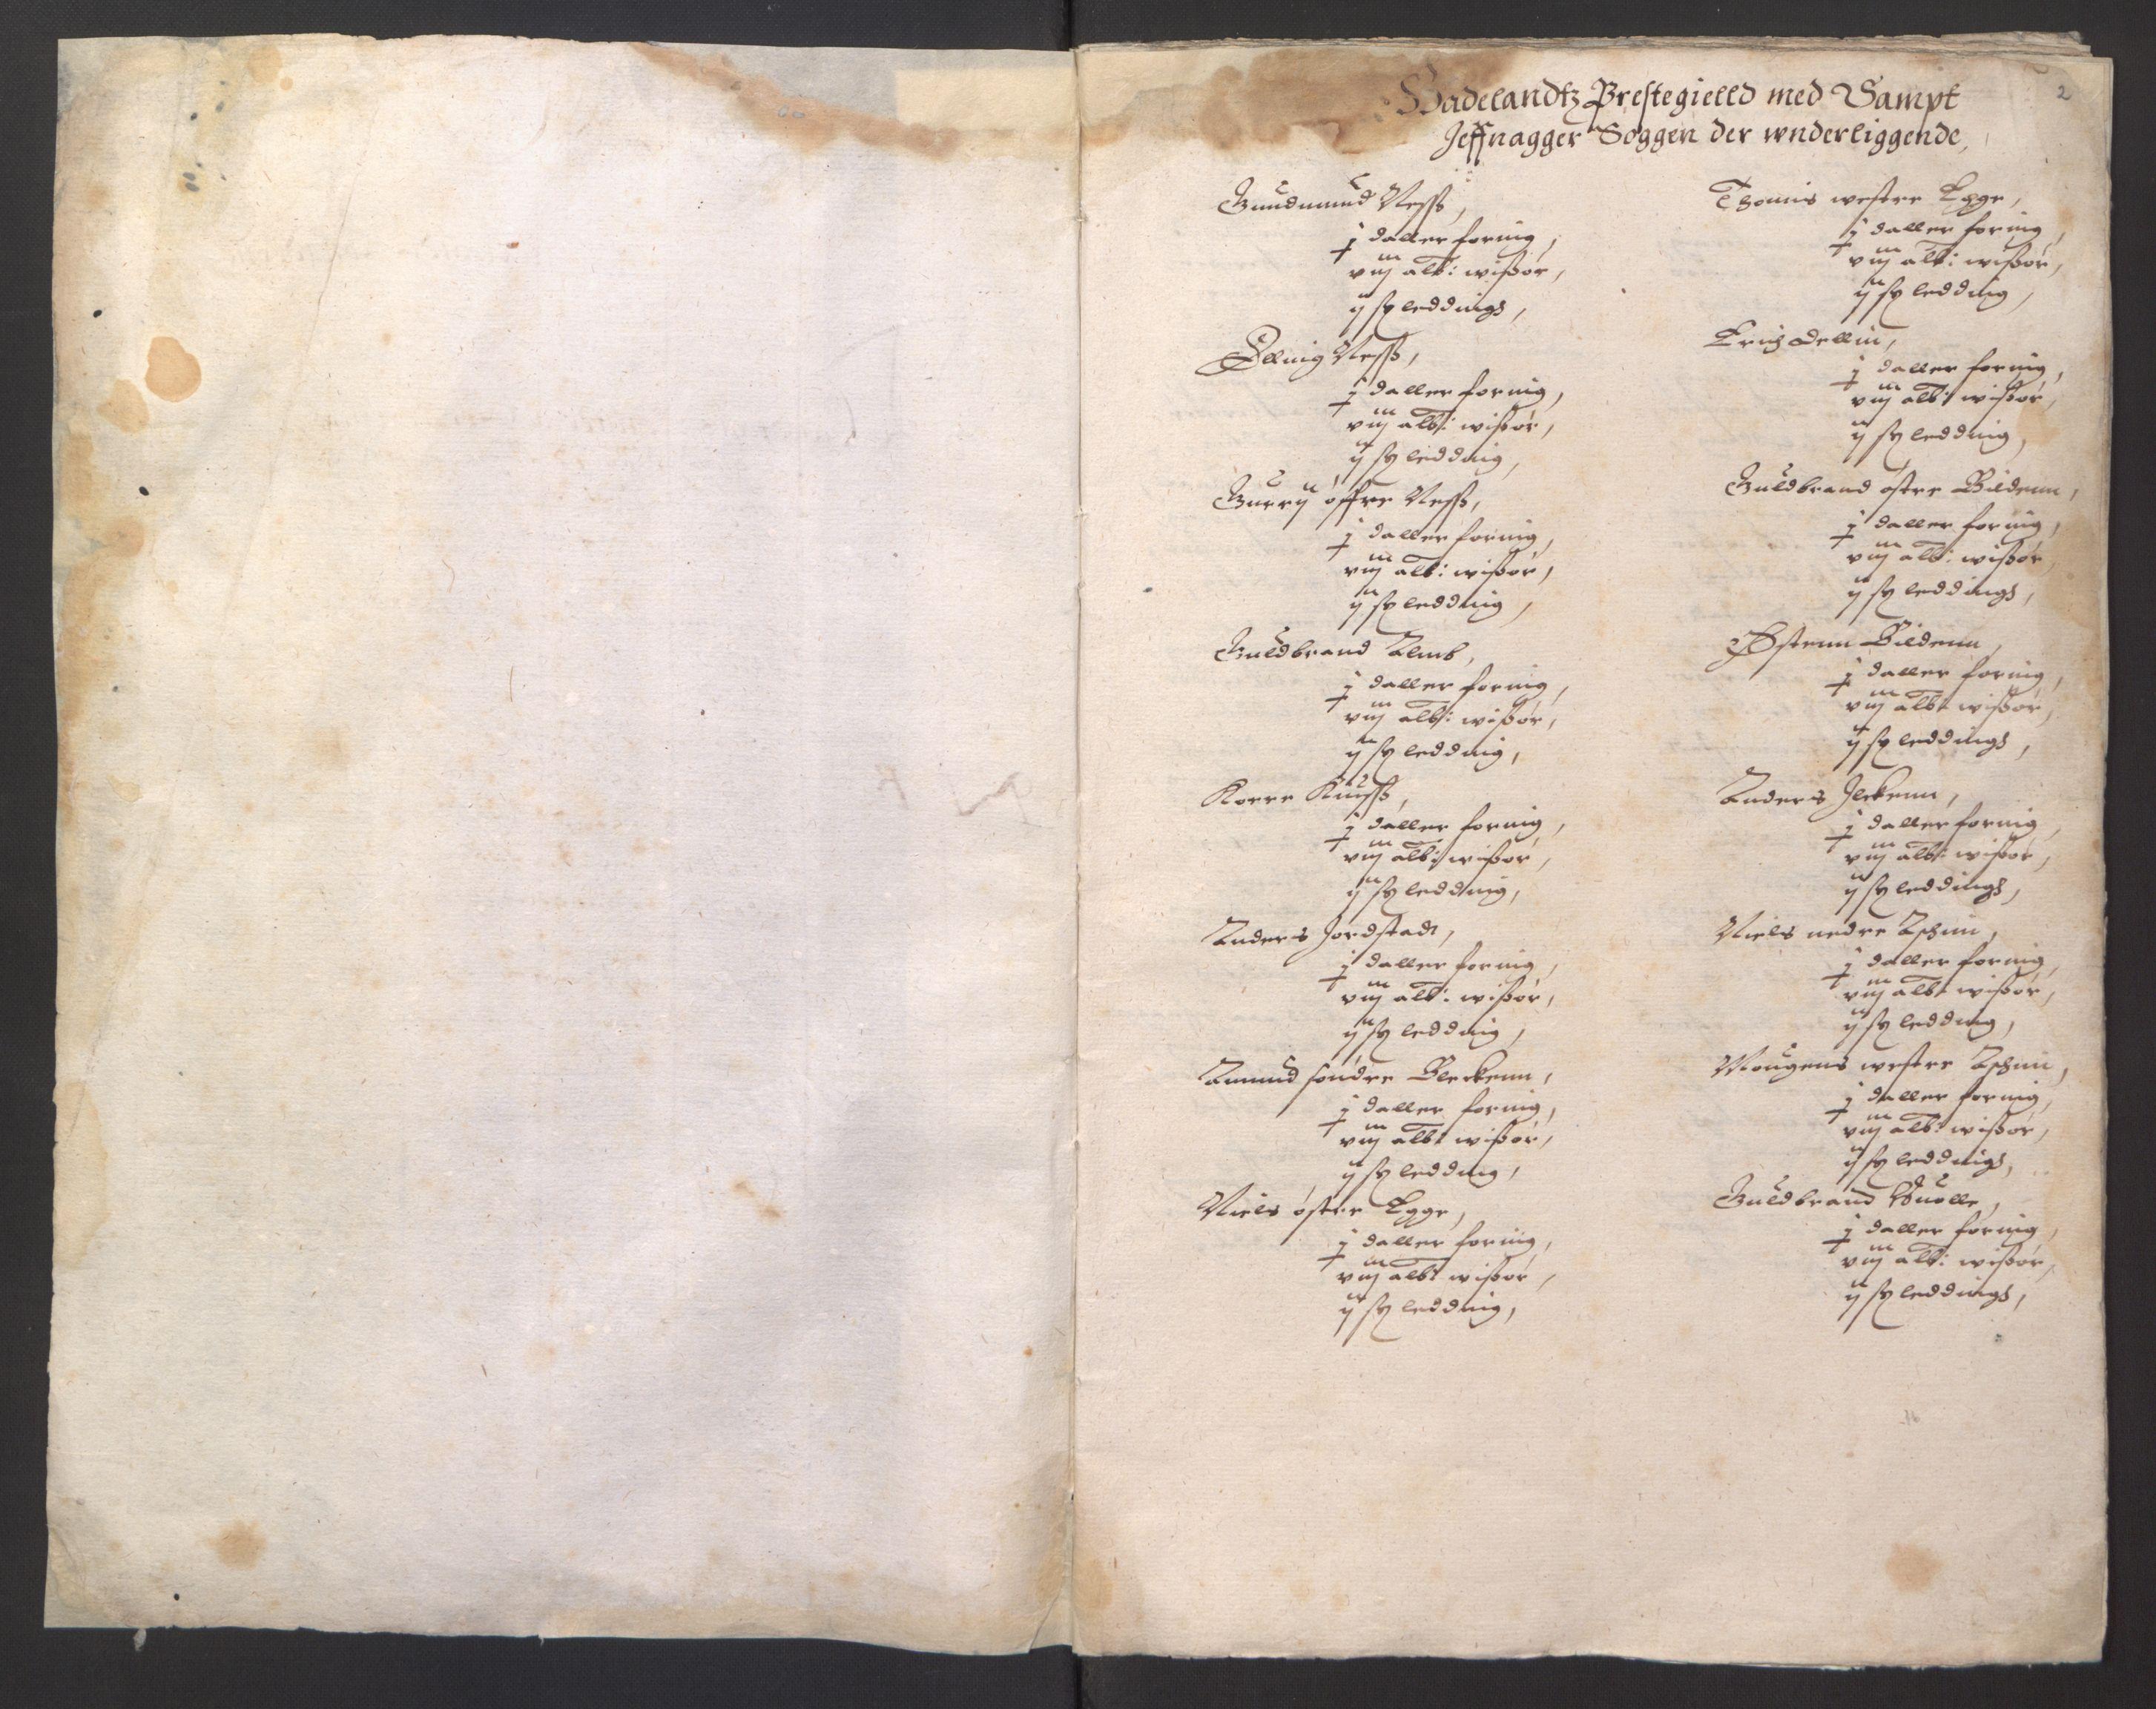 RA, Stattholderembetet 1572-1771, Ek/L0001: Jordebøker før 1624 og til utligning av garnisonsskatt 1624-1626:, 1624-1625, s. 68